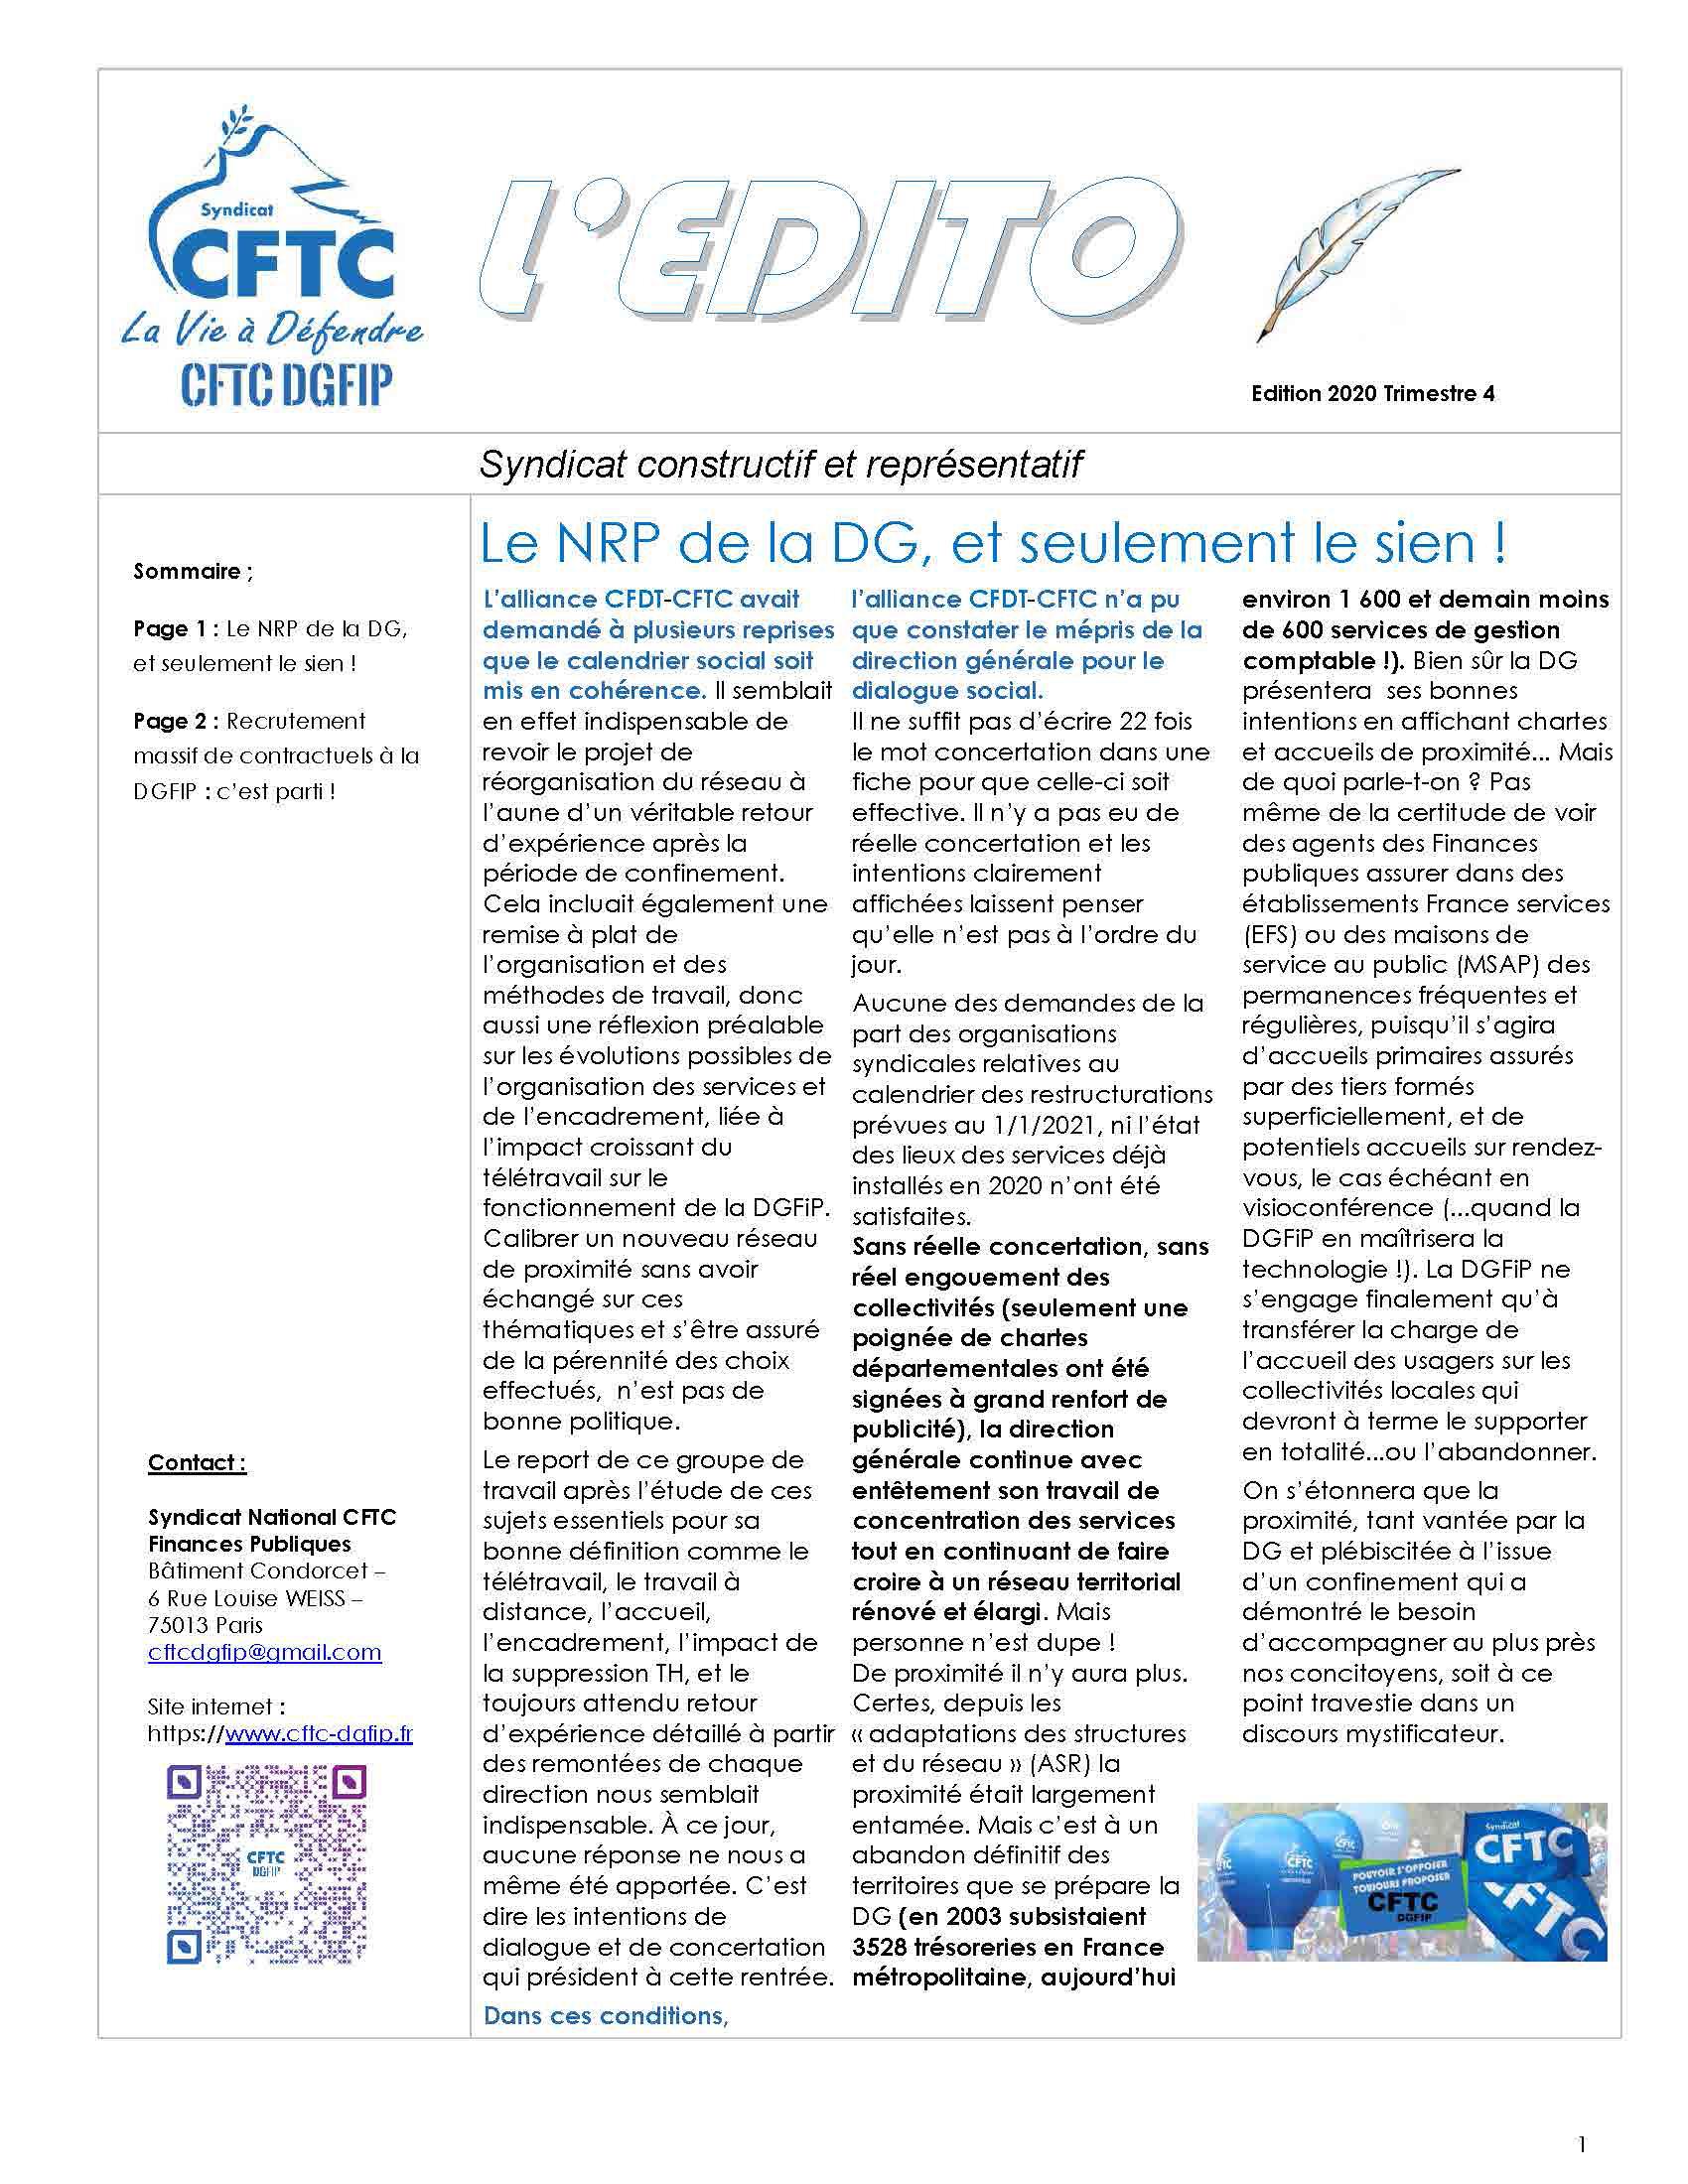 image de l'édito CFTC DGFIP